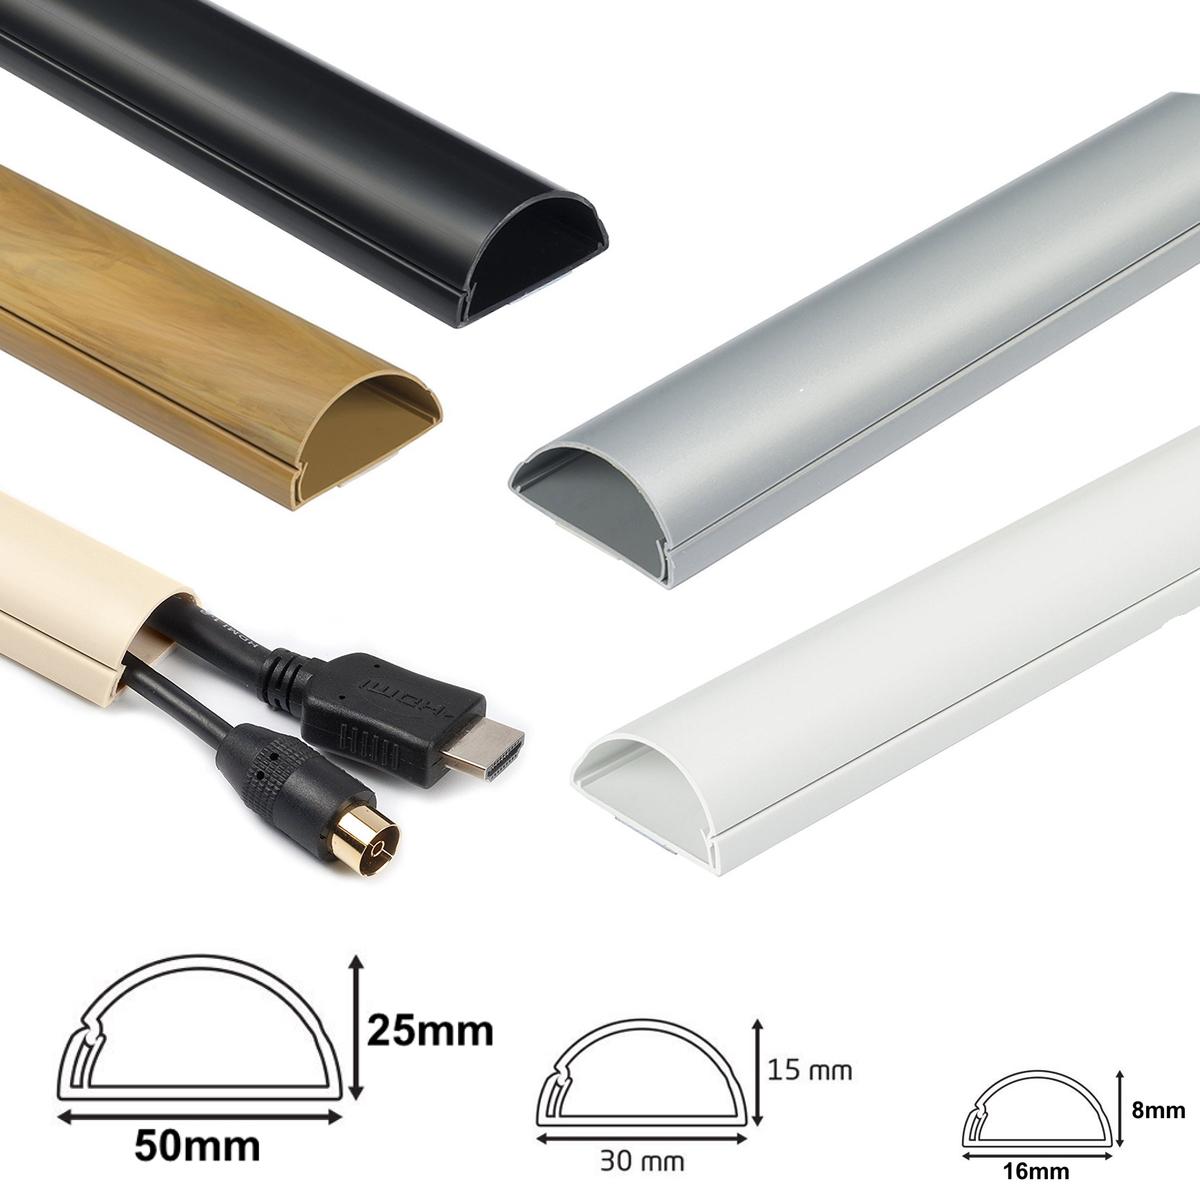 D-Line Mini Cable trunkingdécoratif auto-adhésif Cable Coverélectrique